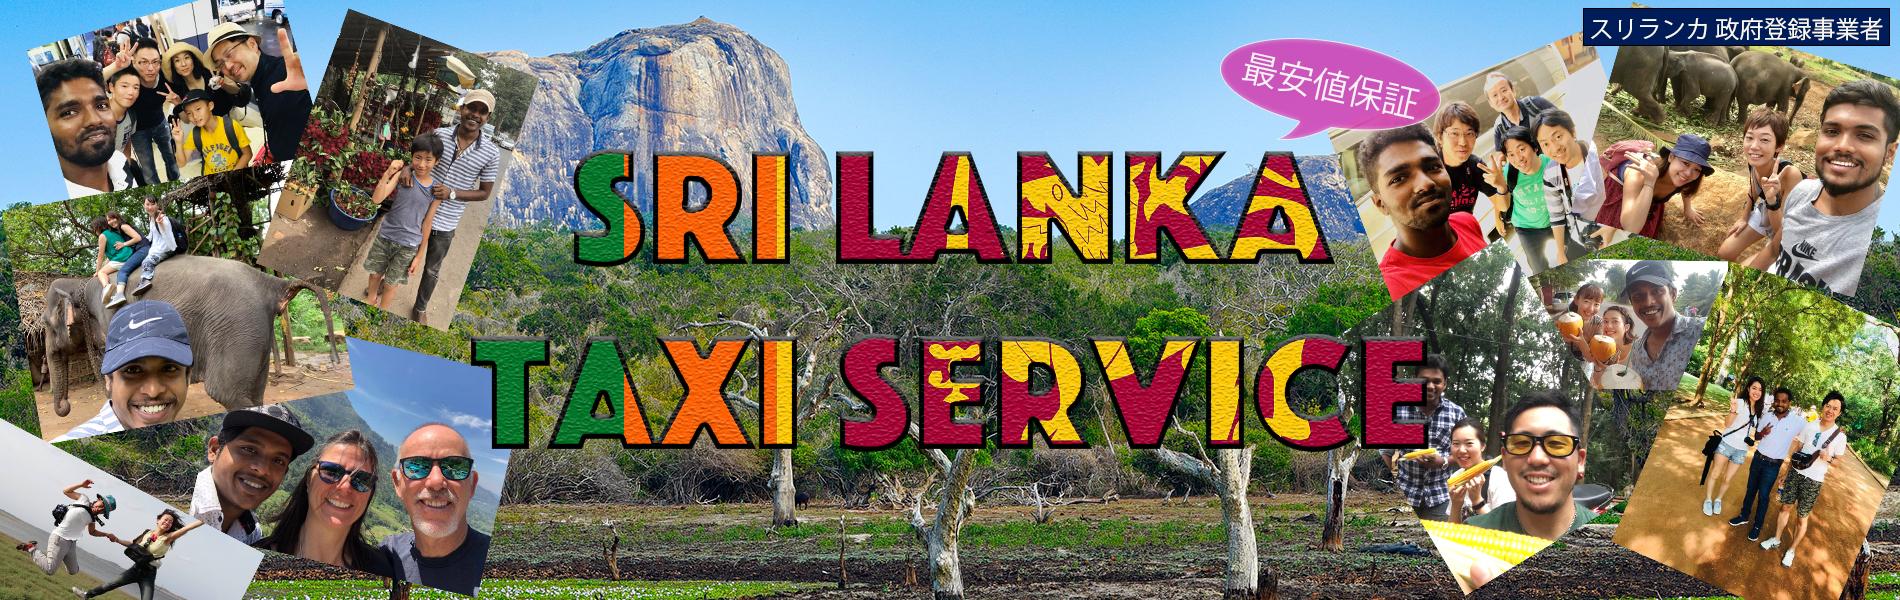 スリランカタクシーサービス